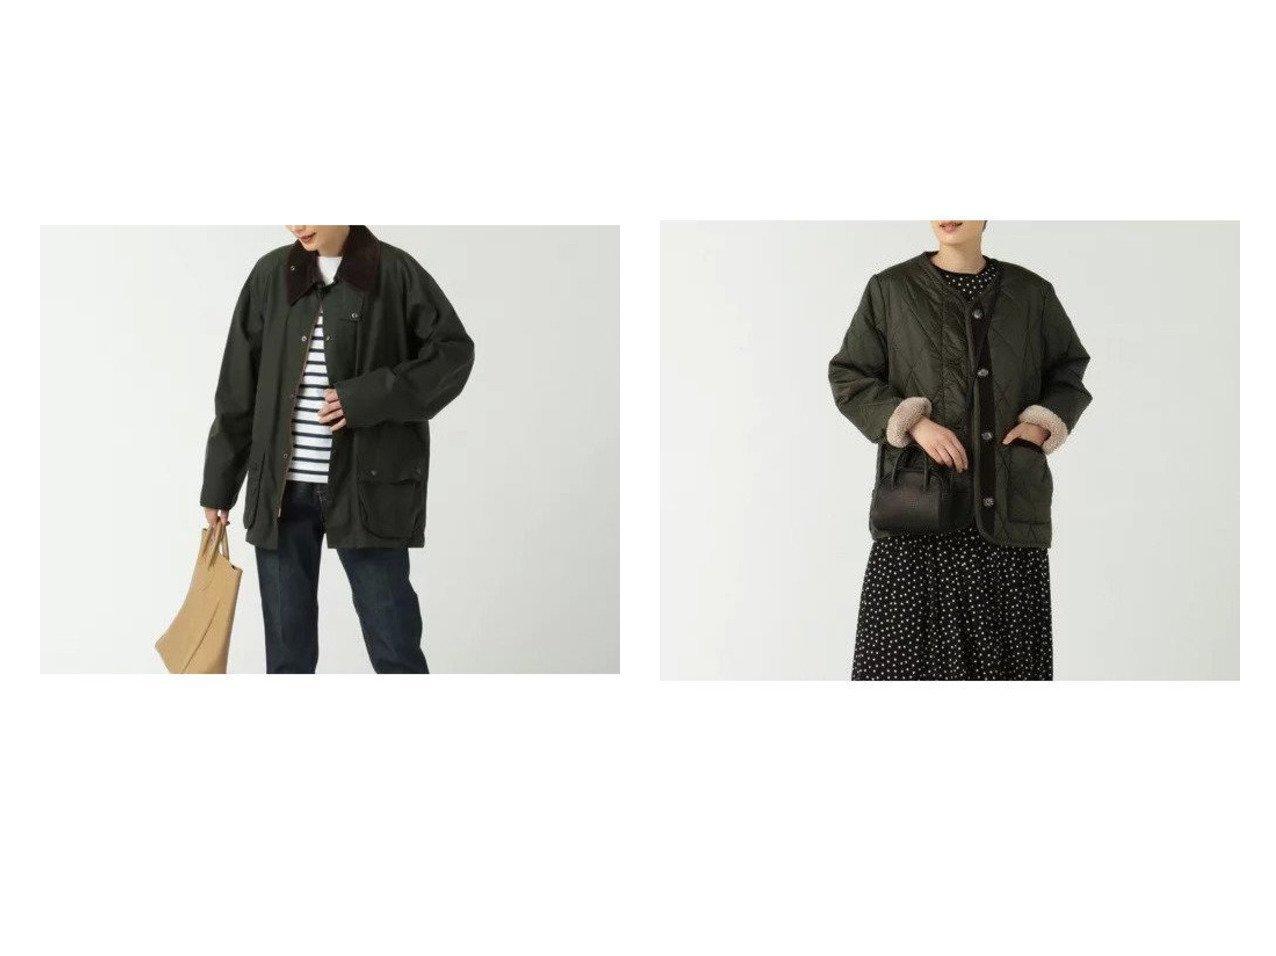 【BARBOUR/バブアー】のROSLIN QUILT&BEDALE 【アウター】おすすめ!人気、トレンド・レディースファッションの通販 おすすめで人気の流行・トレンド、ファッションの通販商品 インテリア・家具・メンズファッション・キッズファッション・レディースファッション・服の通販 founy(ファニー) https://founy.com/ ファッション Fashion レディースファッション WOMEN アウター Coat Outerwear ジャケット Jackets ブルゾン Blouson/Jackets 2021年 2021 2021-2022秋冬・A/W AW・Autumn/Winter・FW・Fall-Winter・2021-2022 A/W・秋冬 AW・Autumn/Winter・FW・Fall-Winter エレガント キルト コレクション ショート ジャケット スタイリッシュ ダイヤモンド ブルゾン プレミアム マーブル スリーブ デニム フランス ロング  ID:crp329100000056369